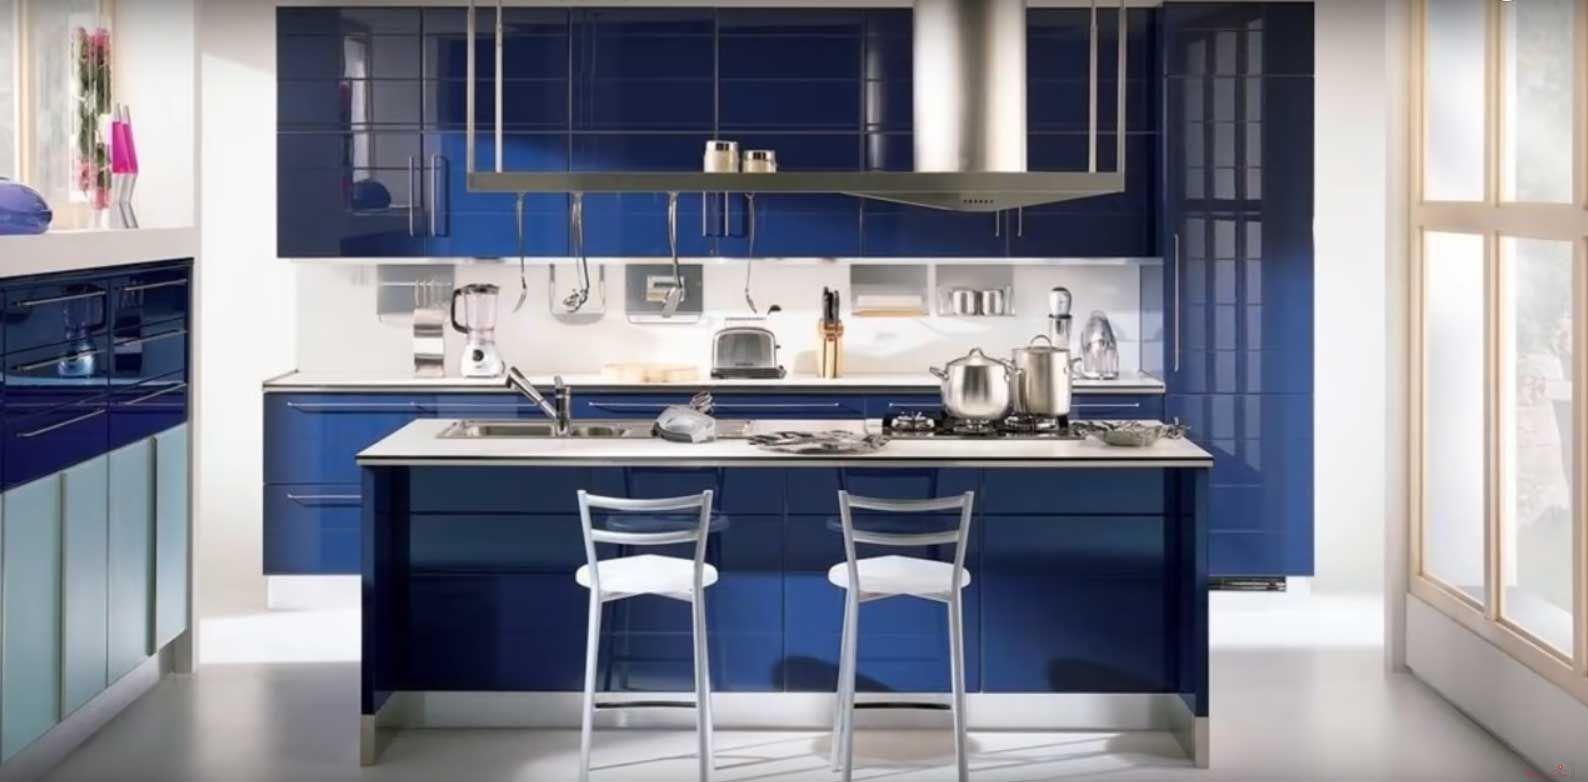 Blue Kitchen Cabinets Pictures Kitchen Cabinets Home Depot Blue Kitchen Cabinets Modern Kitchen Design